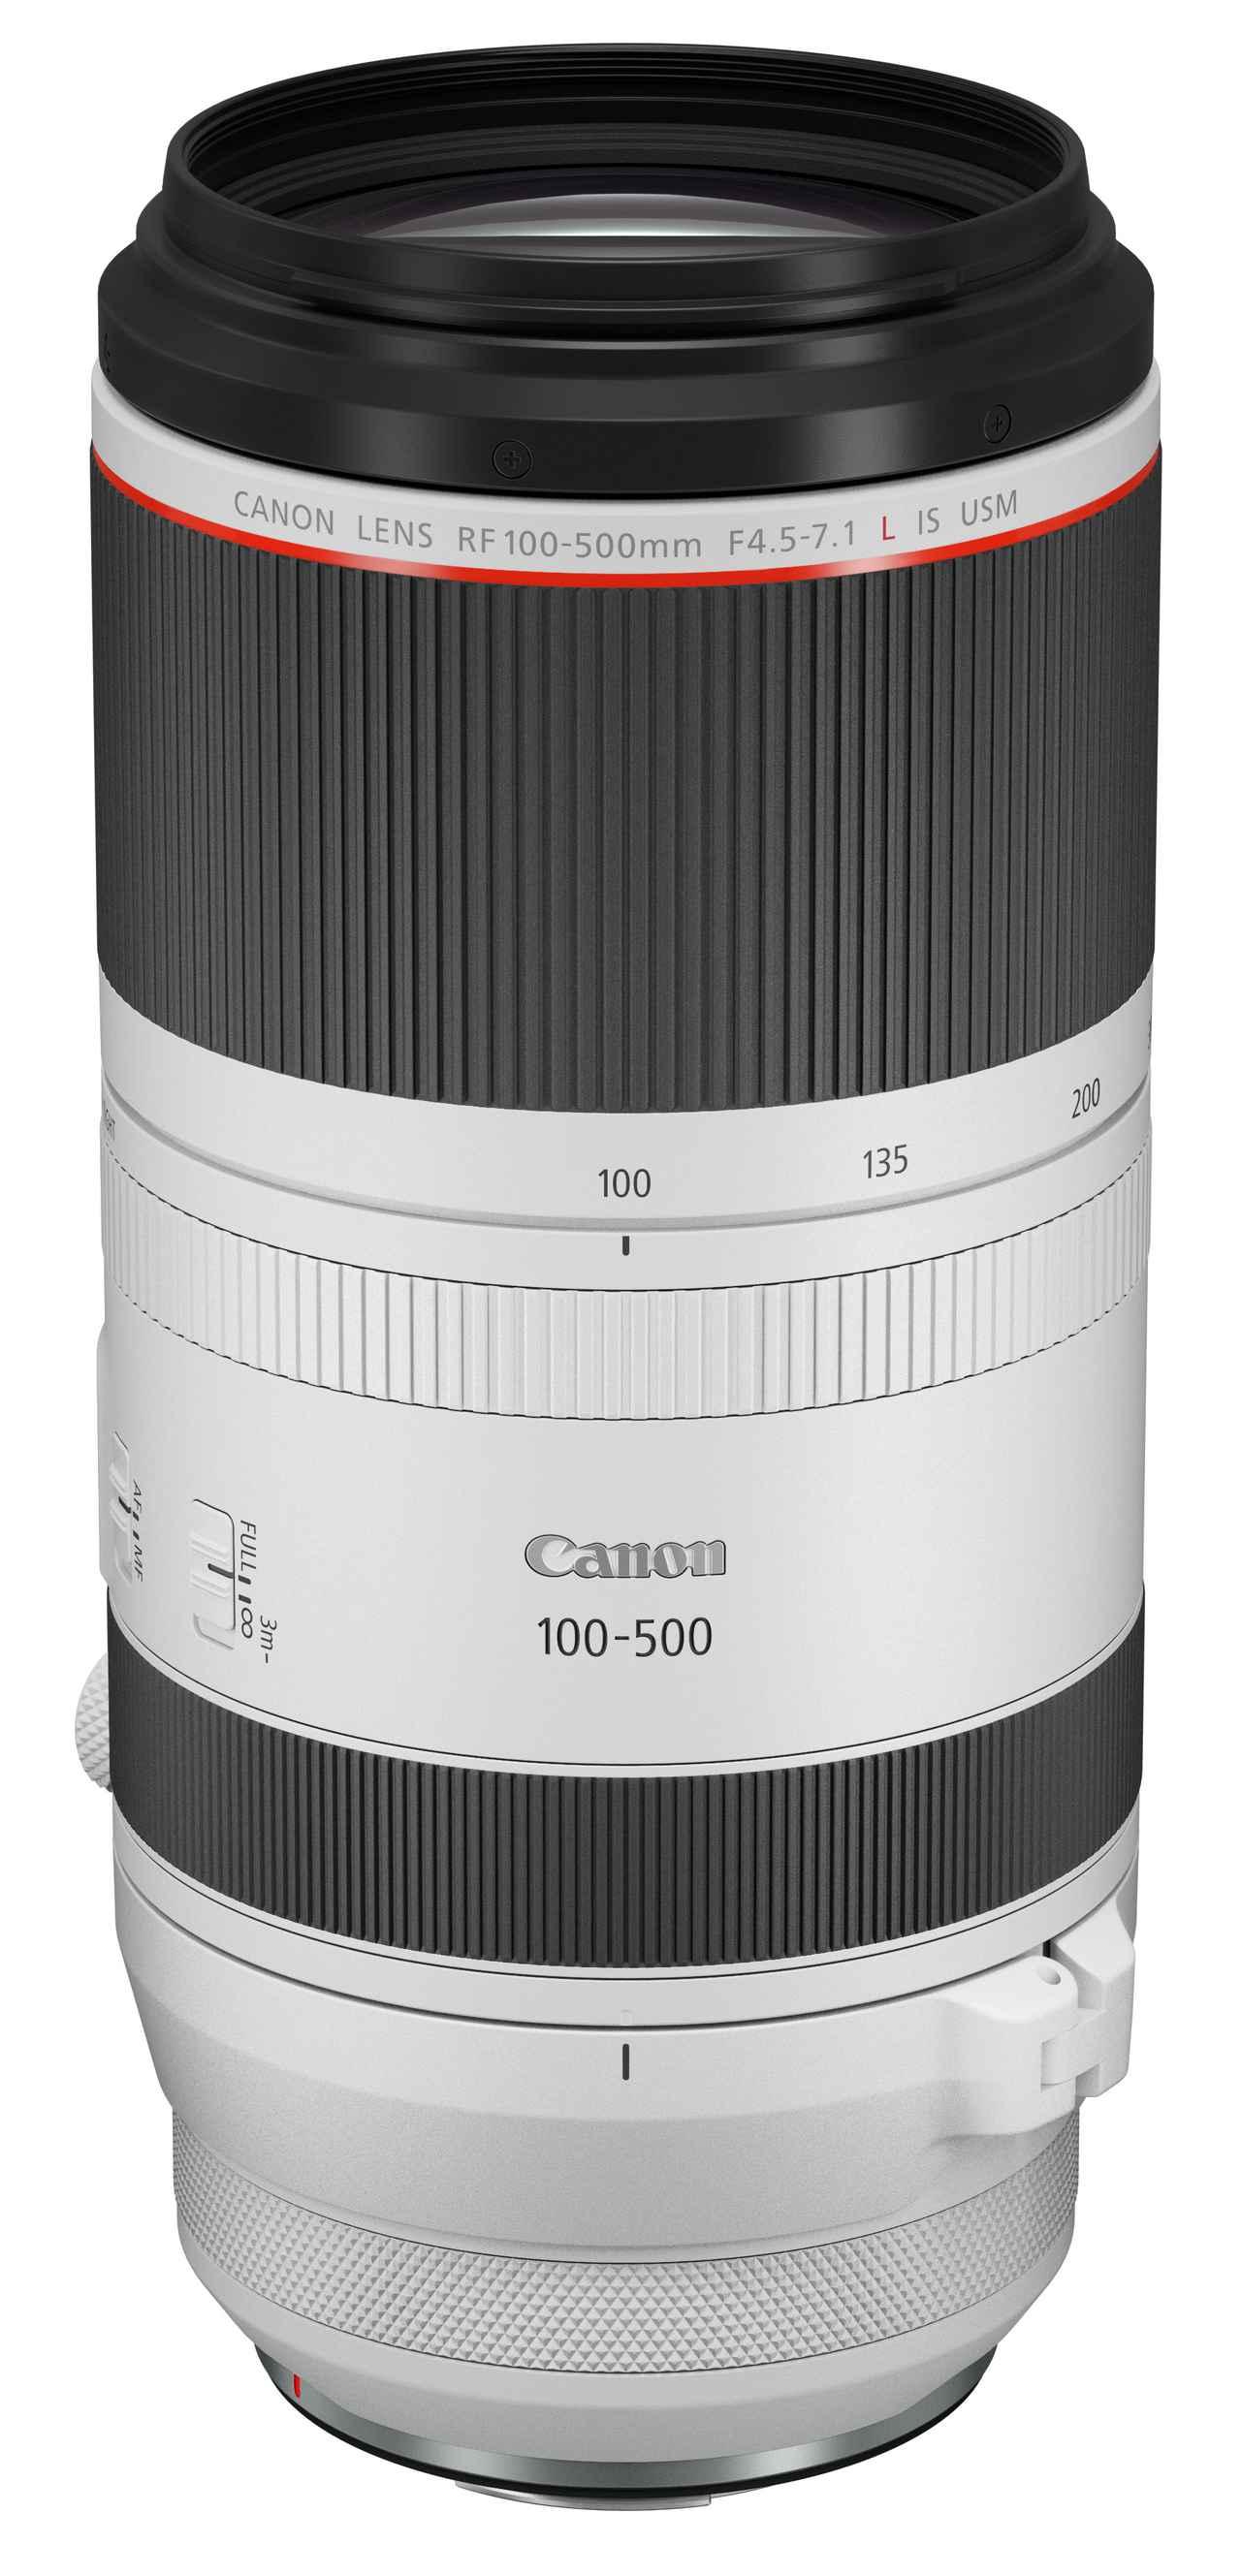 画像: Canon RF100-500mm F4.5-7.1 L IS USM